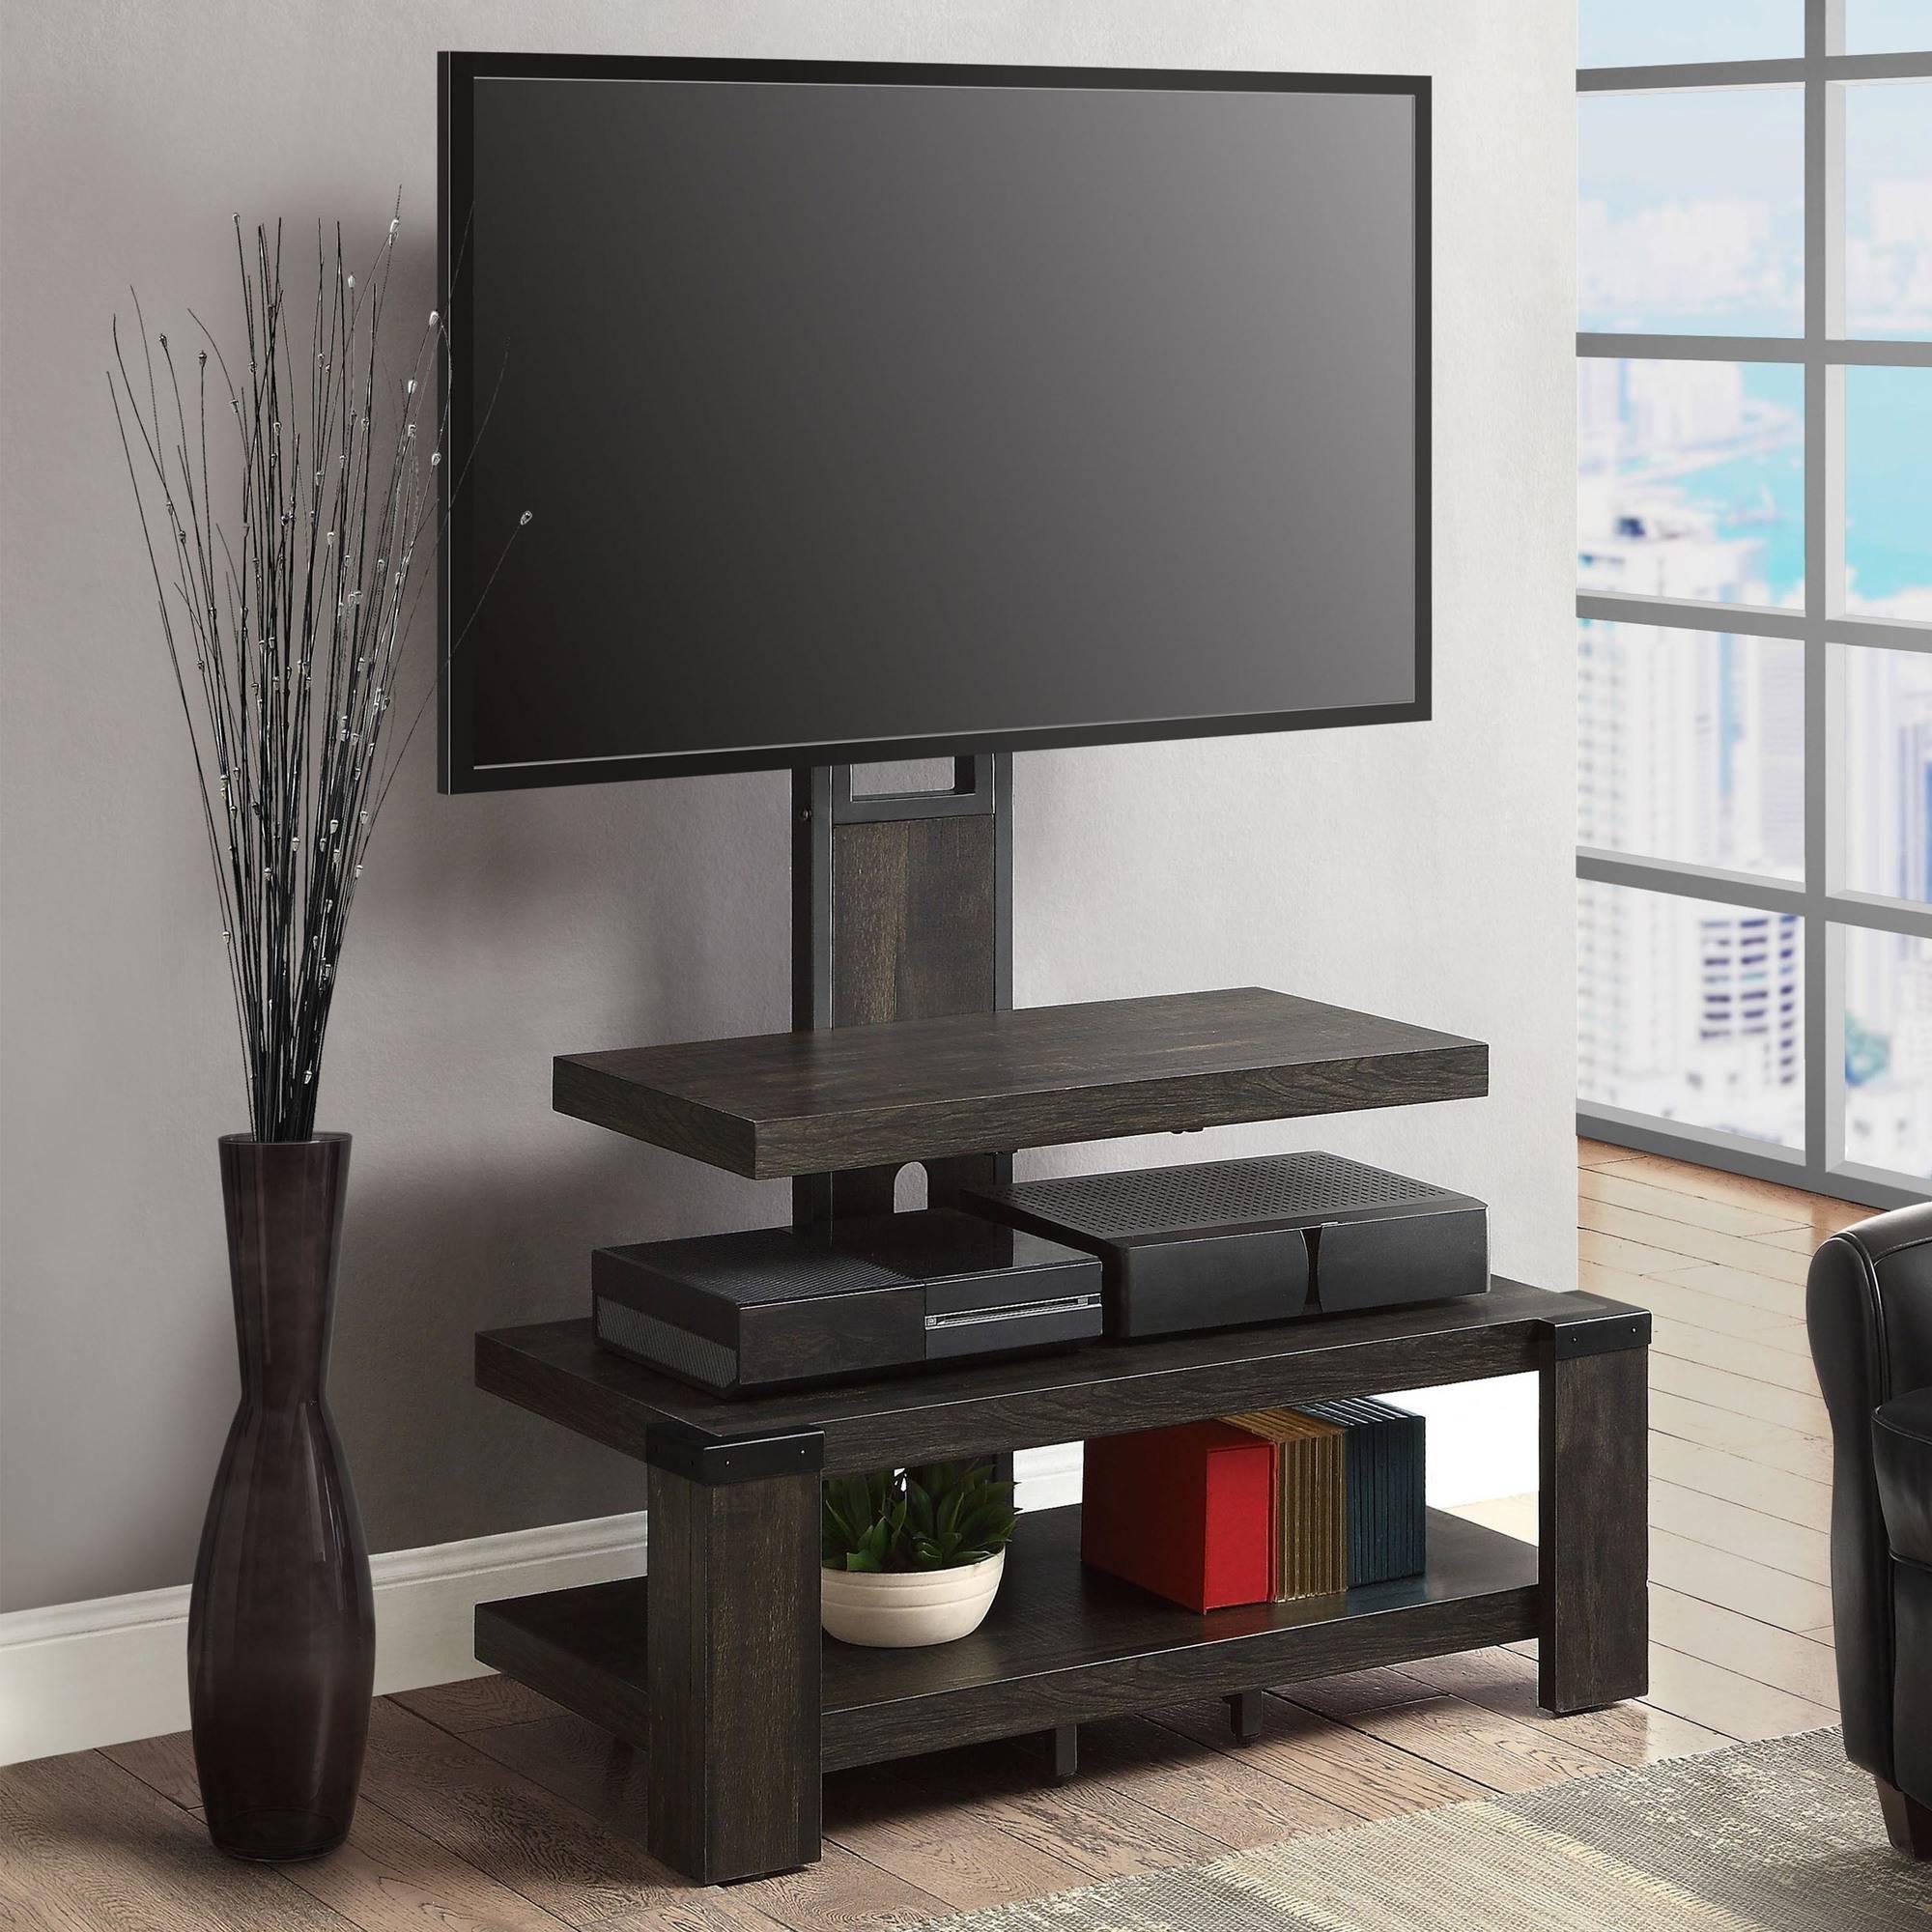 Modern Whalen Shelf Tv Stands (View 1 of 6)